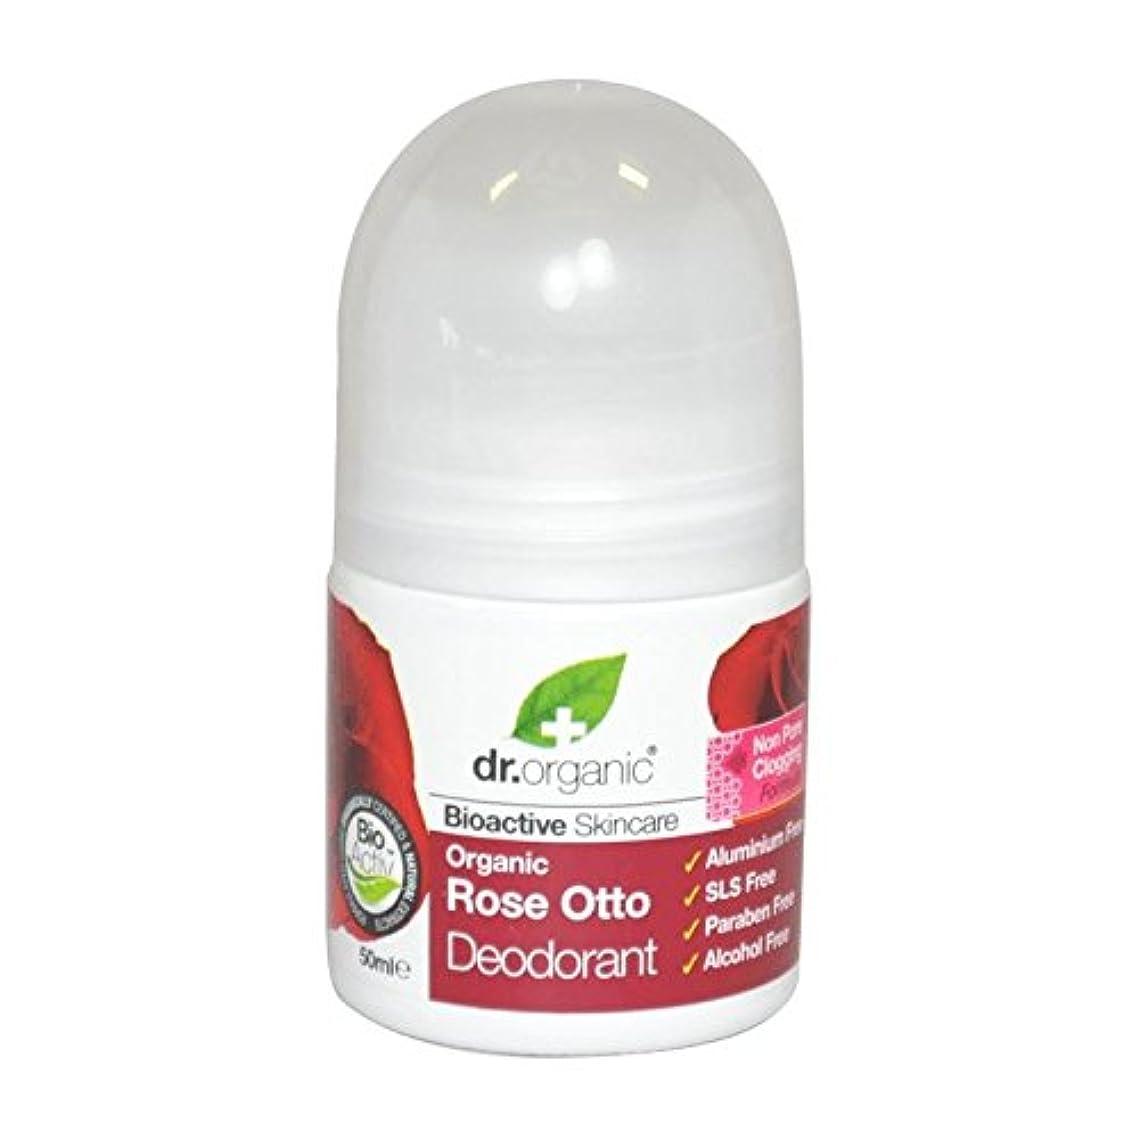 愛情第腐った[Dr Organic] Dr有機消臭をオットーローズ - Dr Organic Rose Otto Deodorant [並行輸入品]